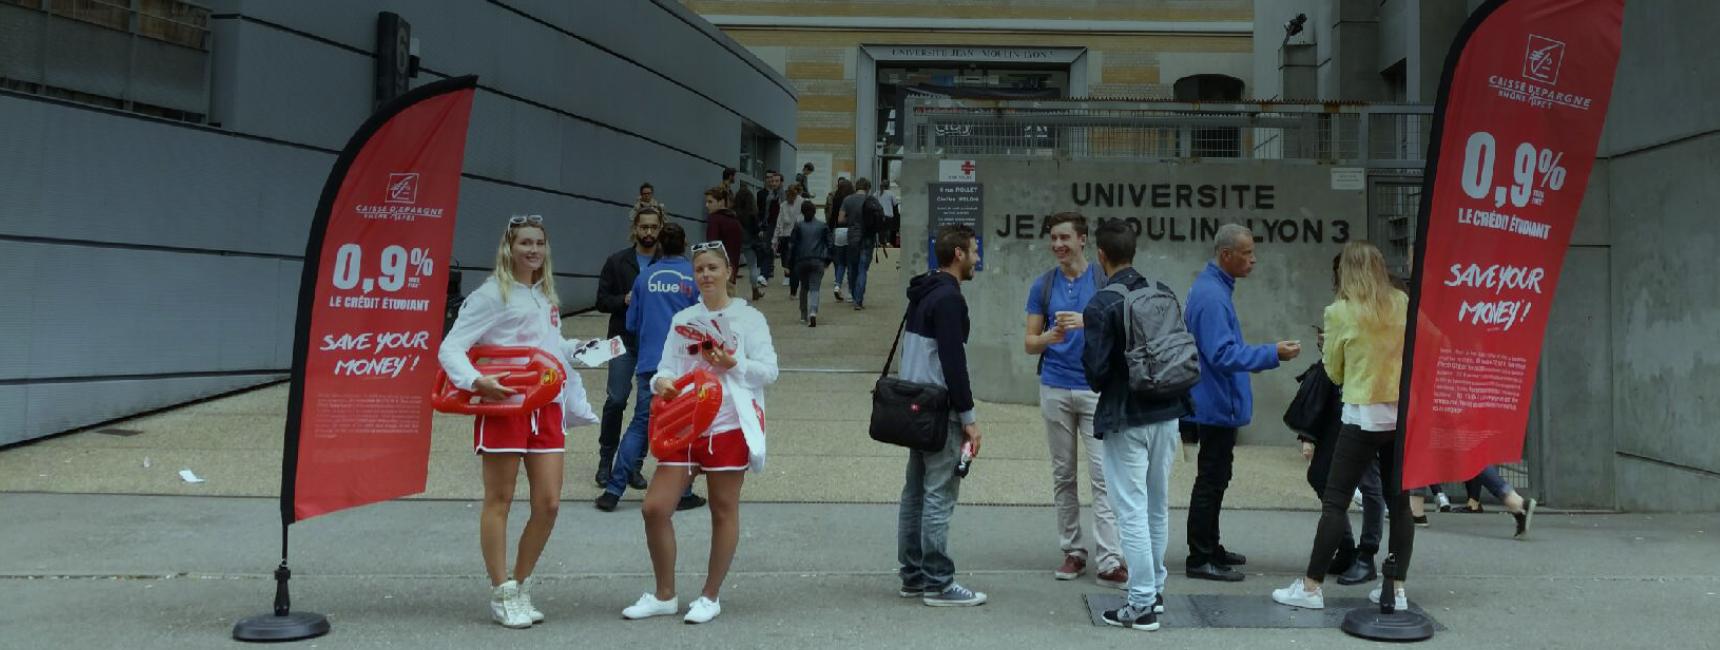 Campus Media, communiquez aupres des etudiants - Keemia Strasbourg Agence marketing local en région Grand-Est